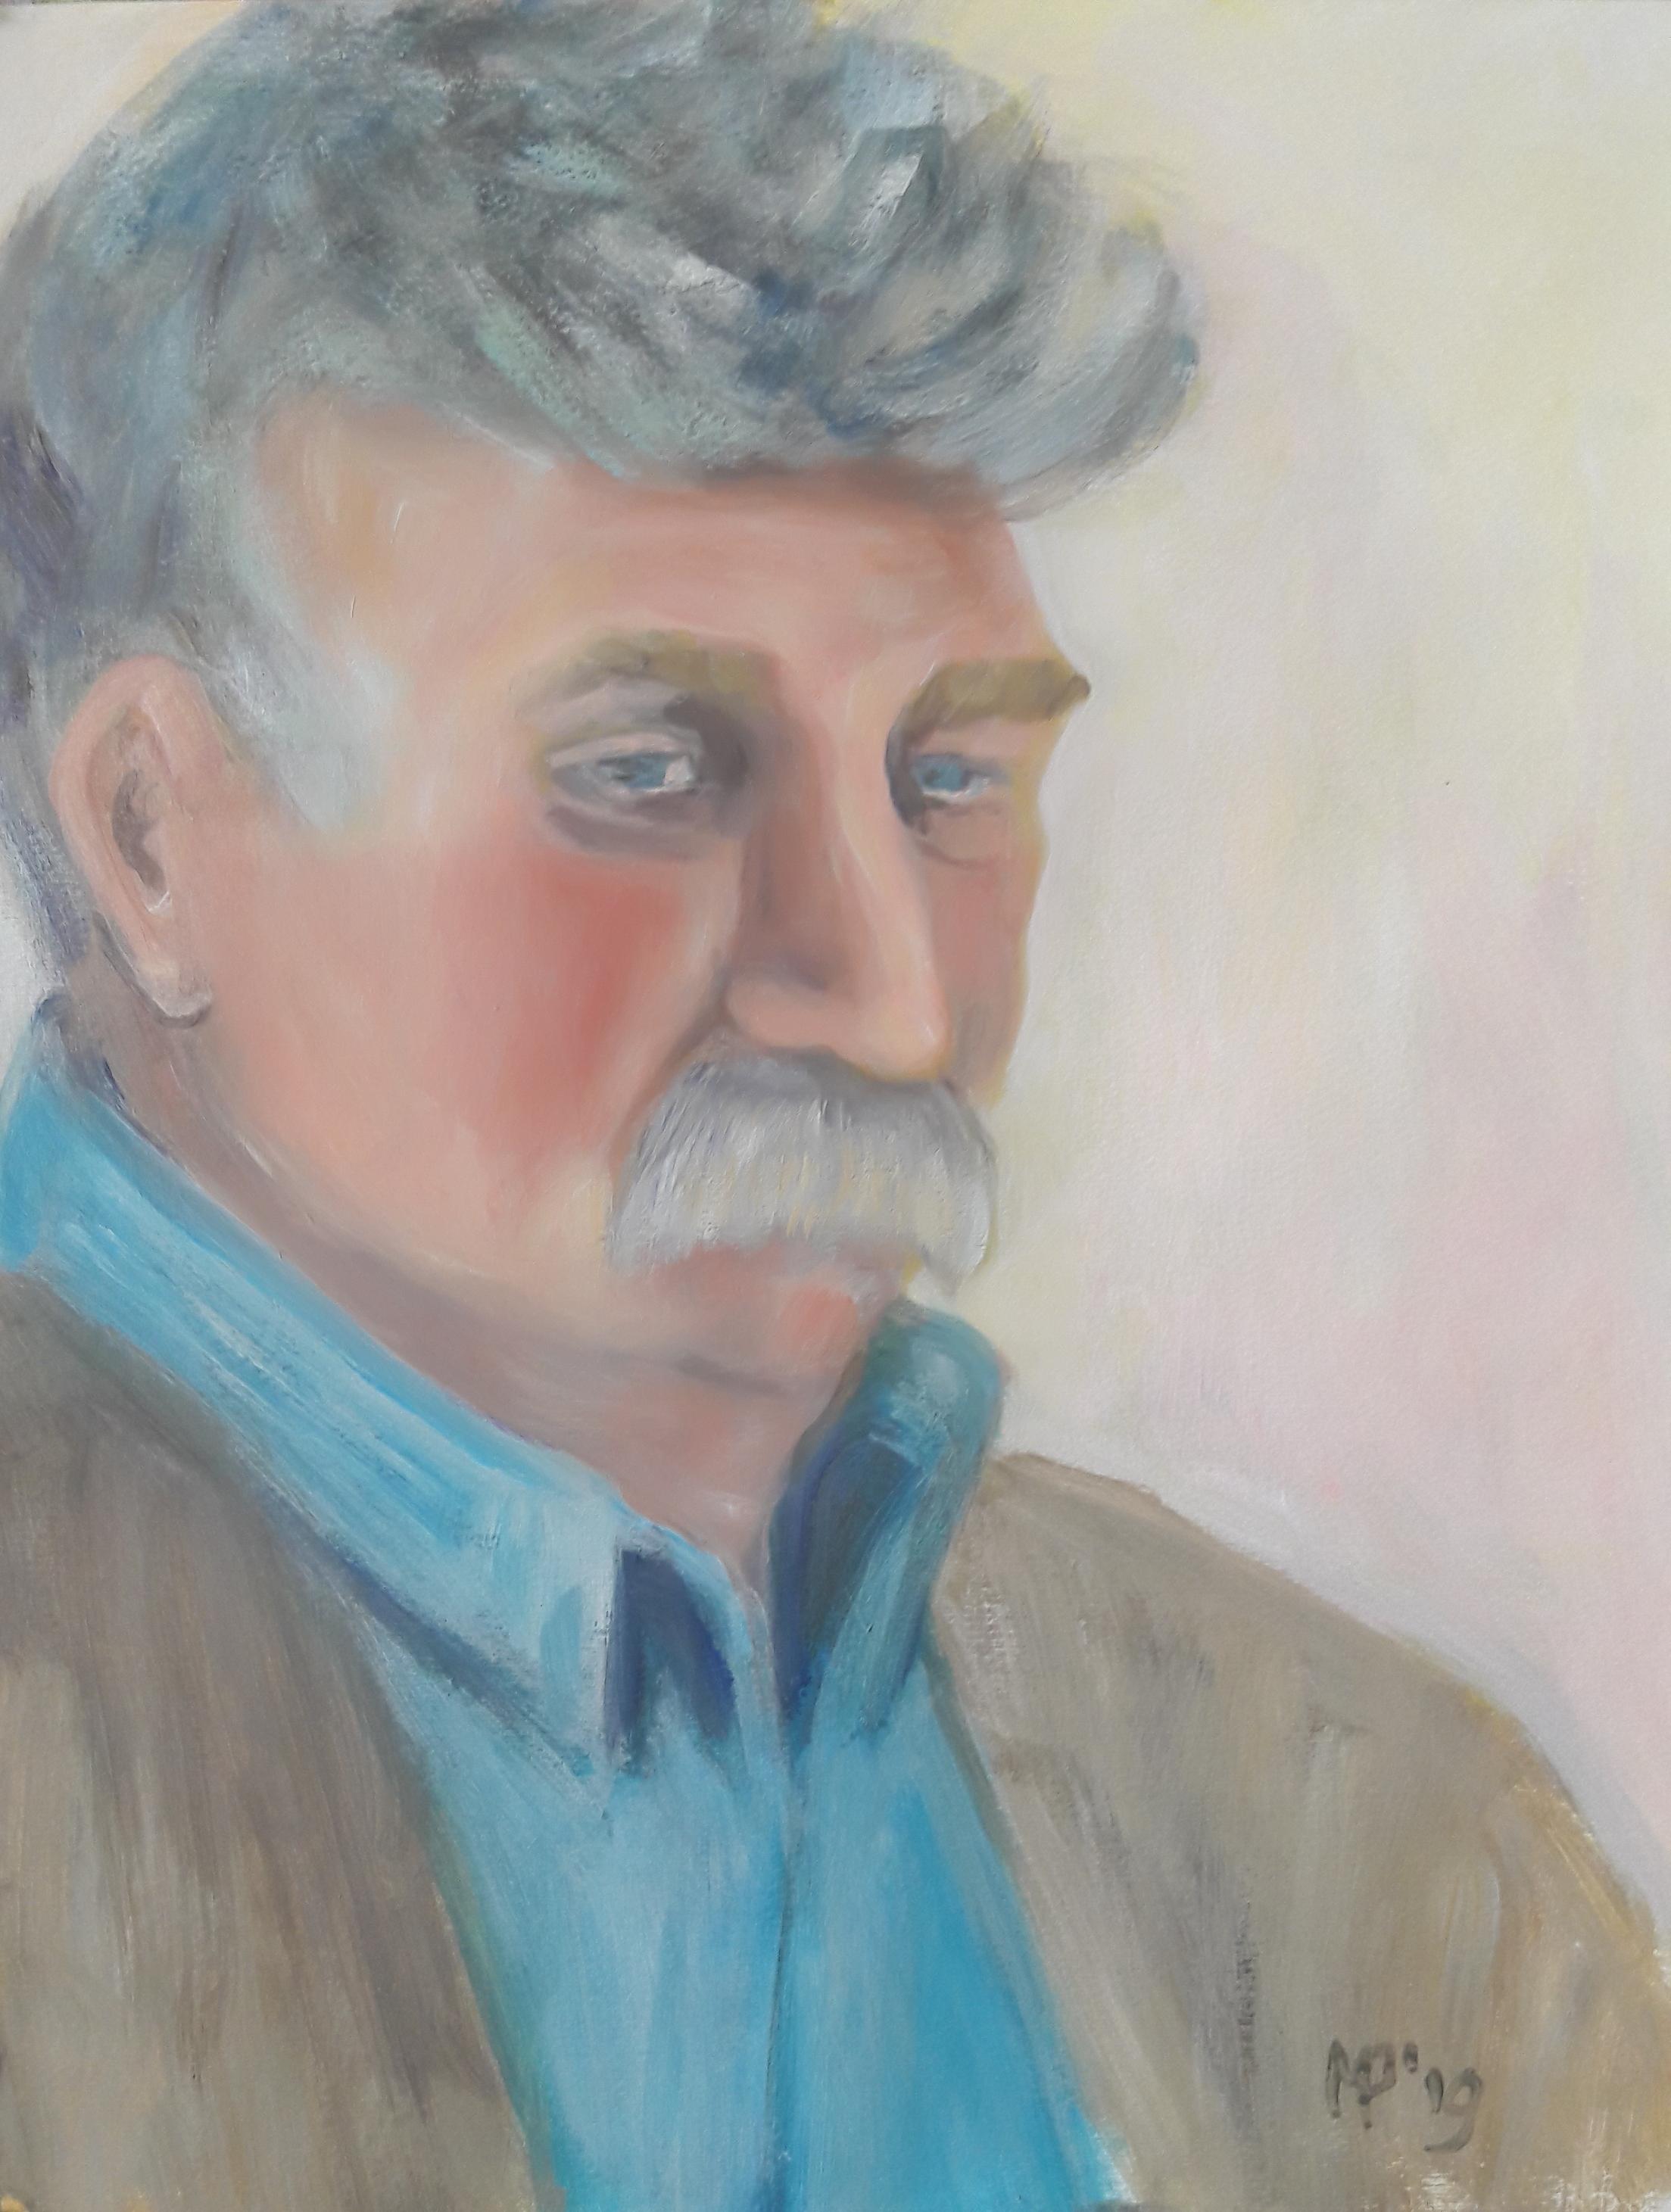 portret Ger maart 19